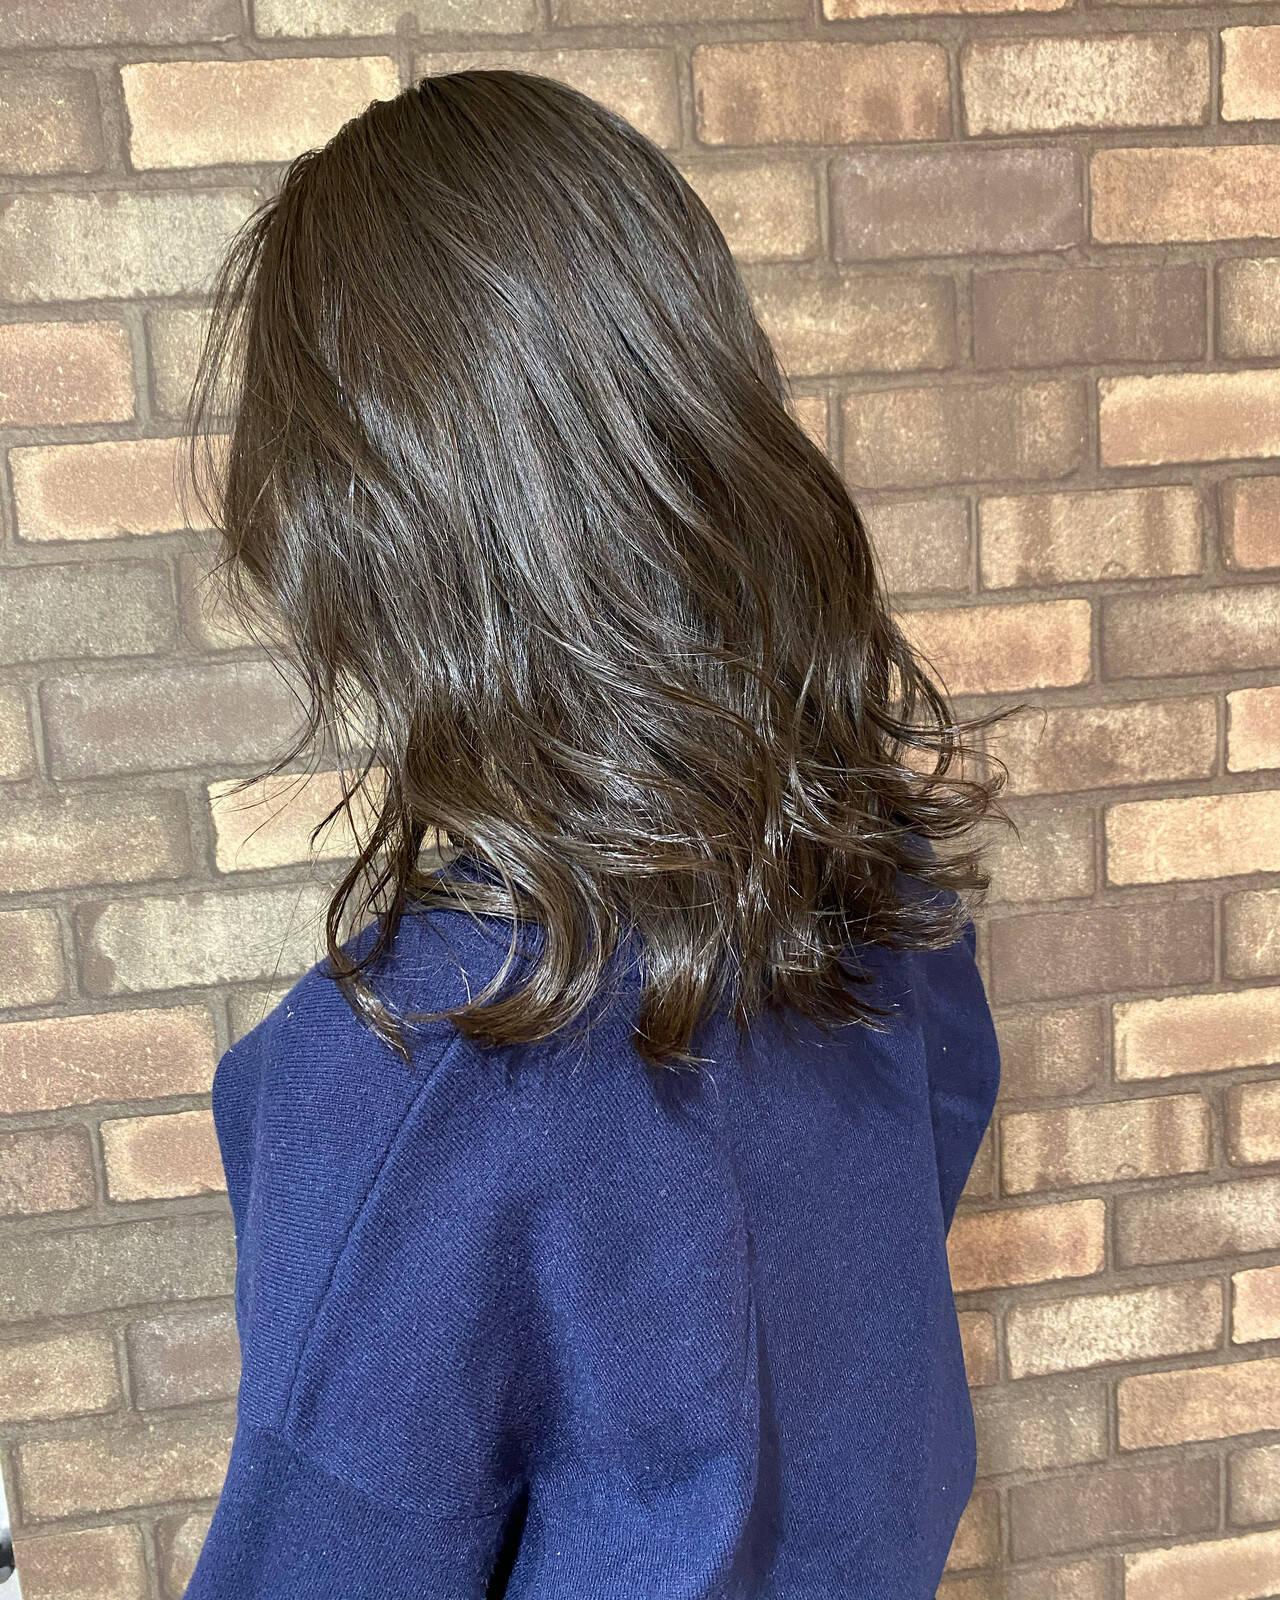 イルミナカラー ナチュラル 透明感 ダークカラーヘアスタイルや髪型の写真・画像